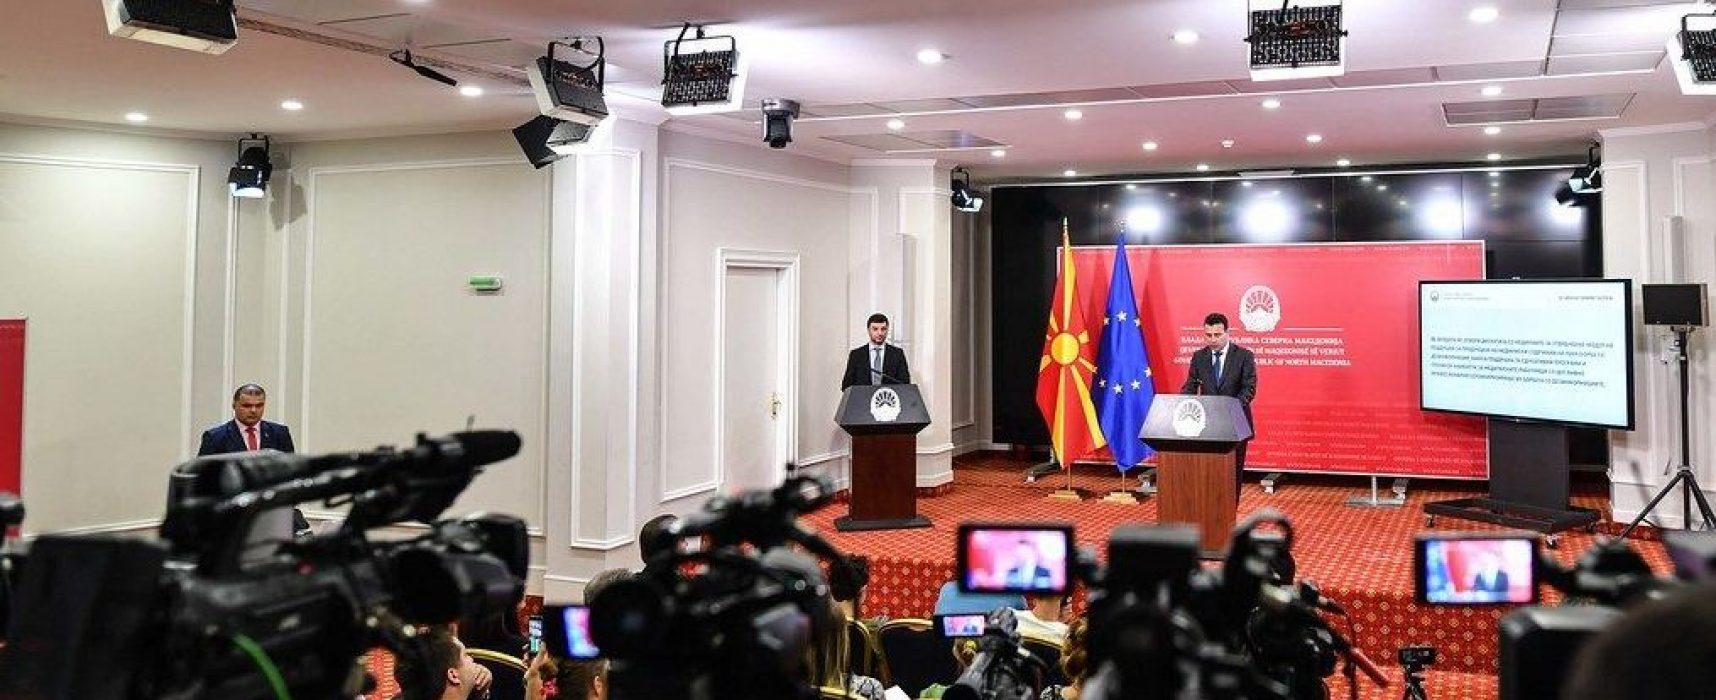 Северная Македония борется с дезинформацией